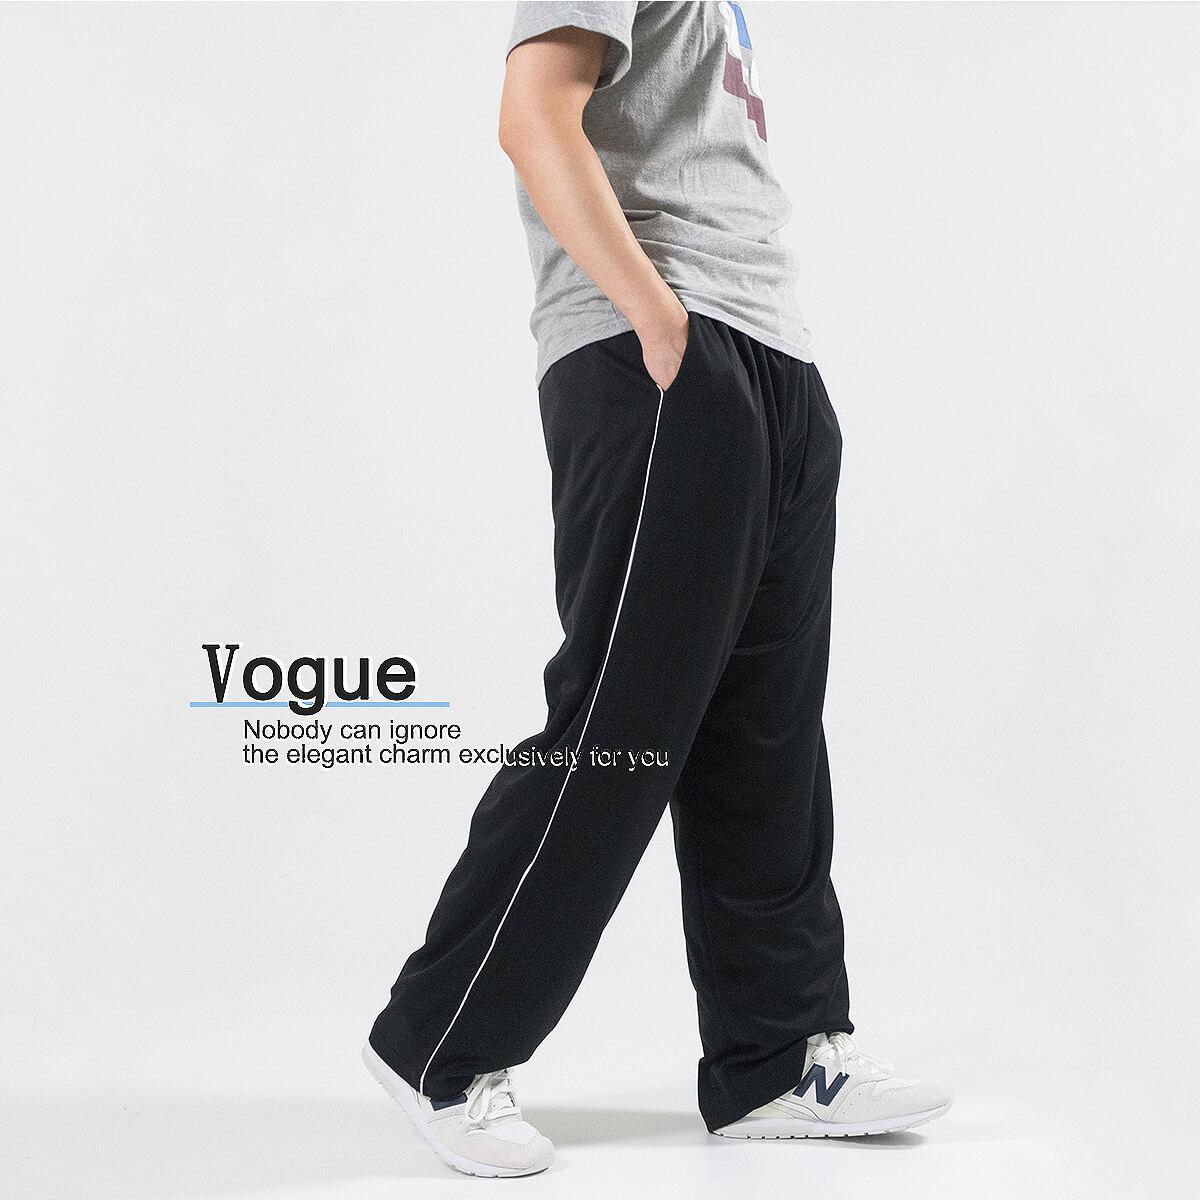 加大尺碼防潑水長褲 保暖台灣製長褲 防風休閒長褲 褲管無縮口彈性長褲 大尺碼男裝 全腰圍鬆緊帶休閒褲 黑色長褲 Made In Taiwan Big And Tall Water Repellent Pants Casual Pants (310-2056-08)深藍色、(310-2056-21)黑色、(310-2056-22)深灰色 4L 5L (腰圍:97~119公分  /  38~47英吋) 男女可穿 [實體店面保障] sun-e 3